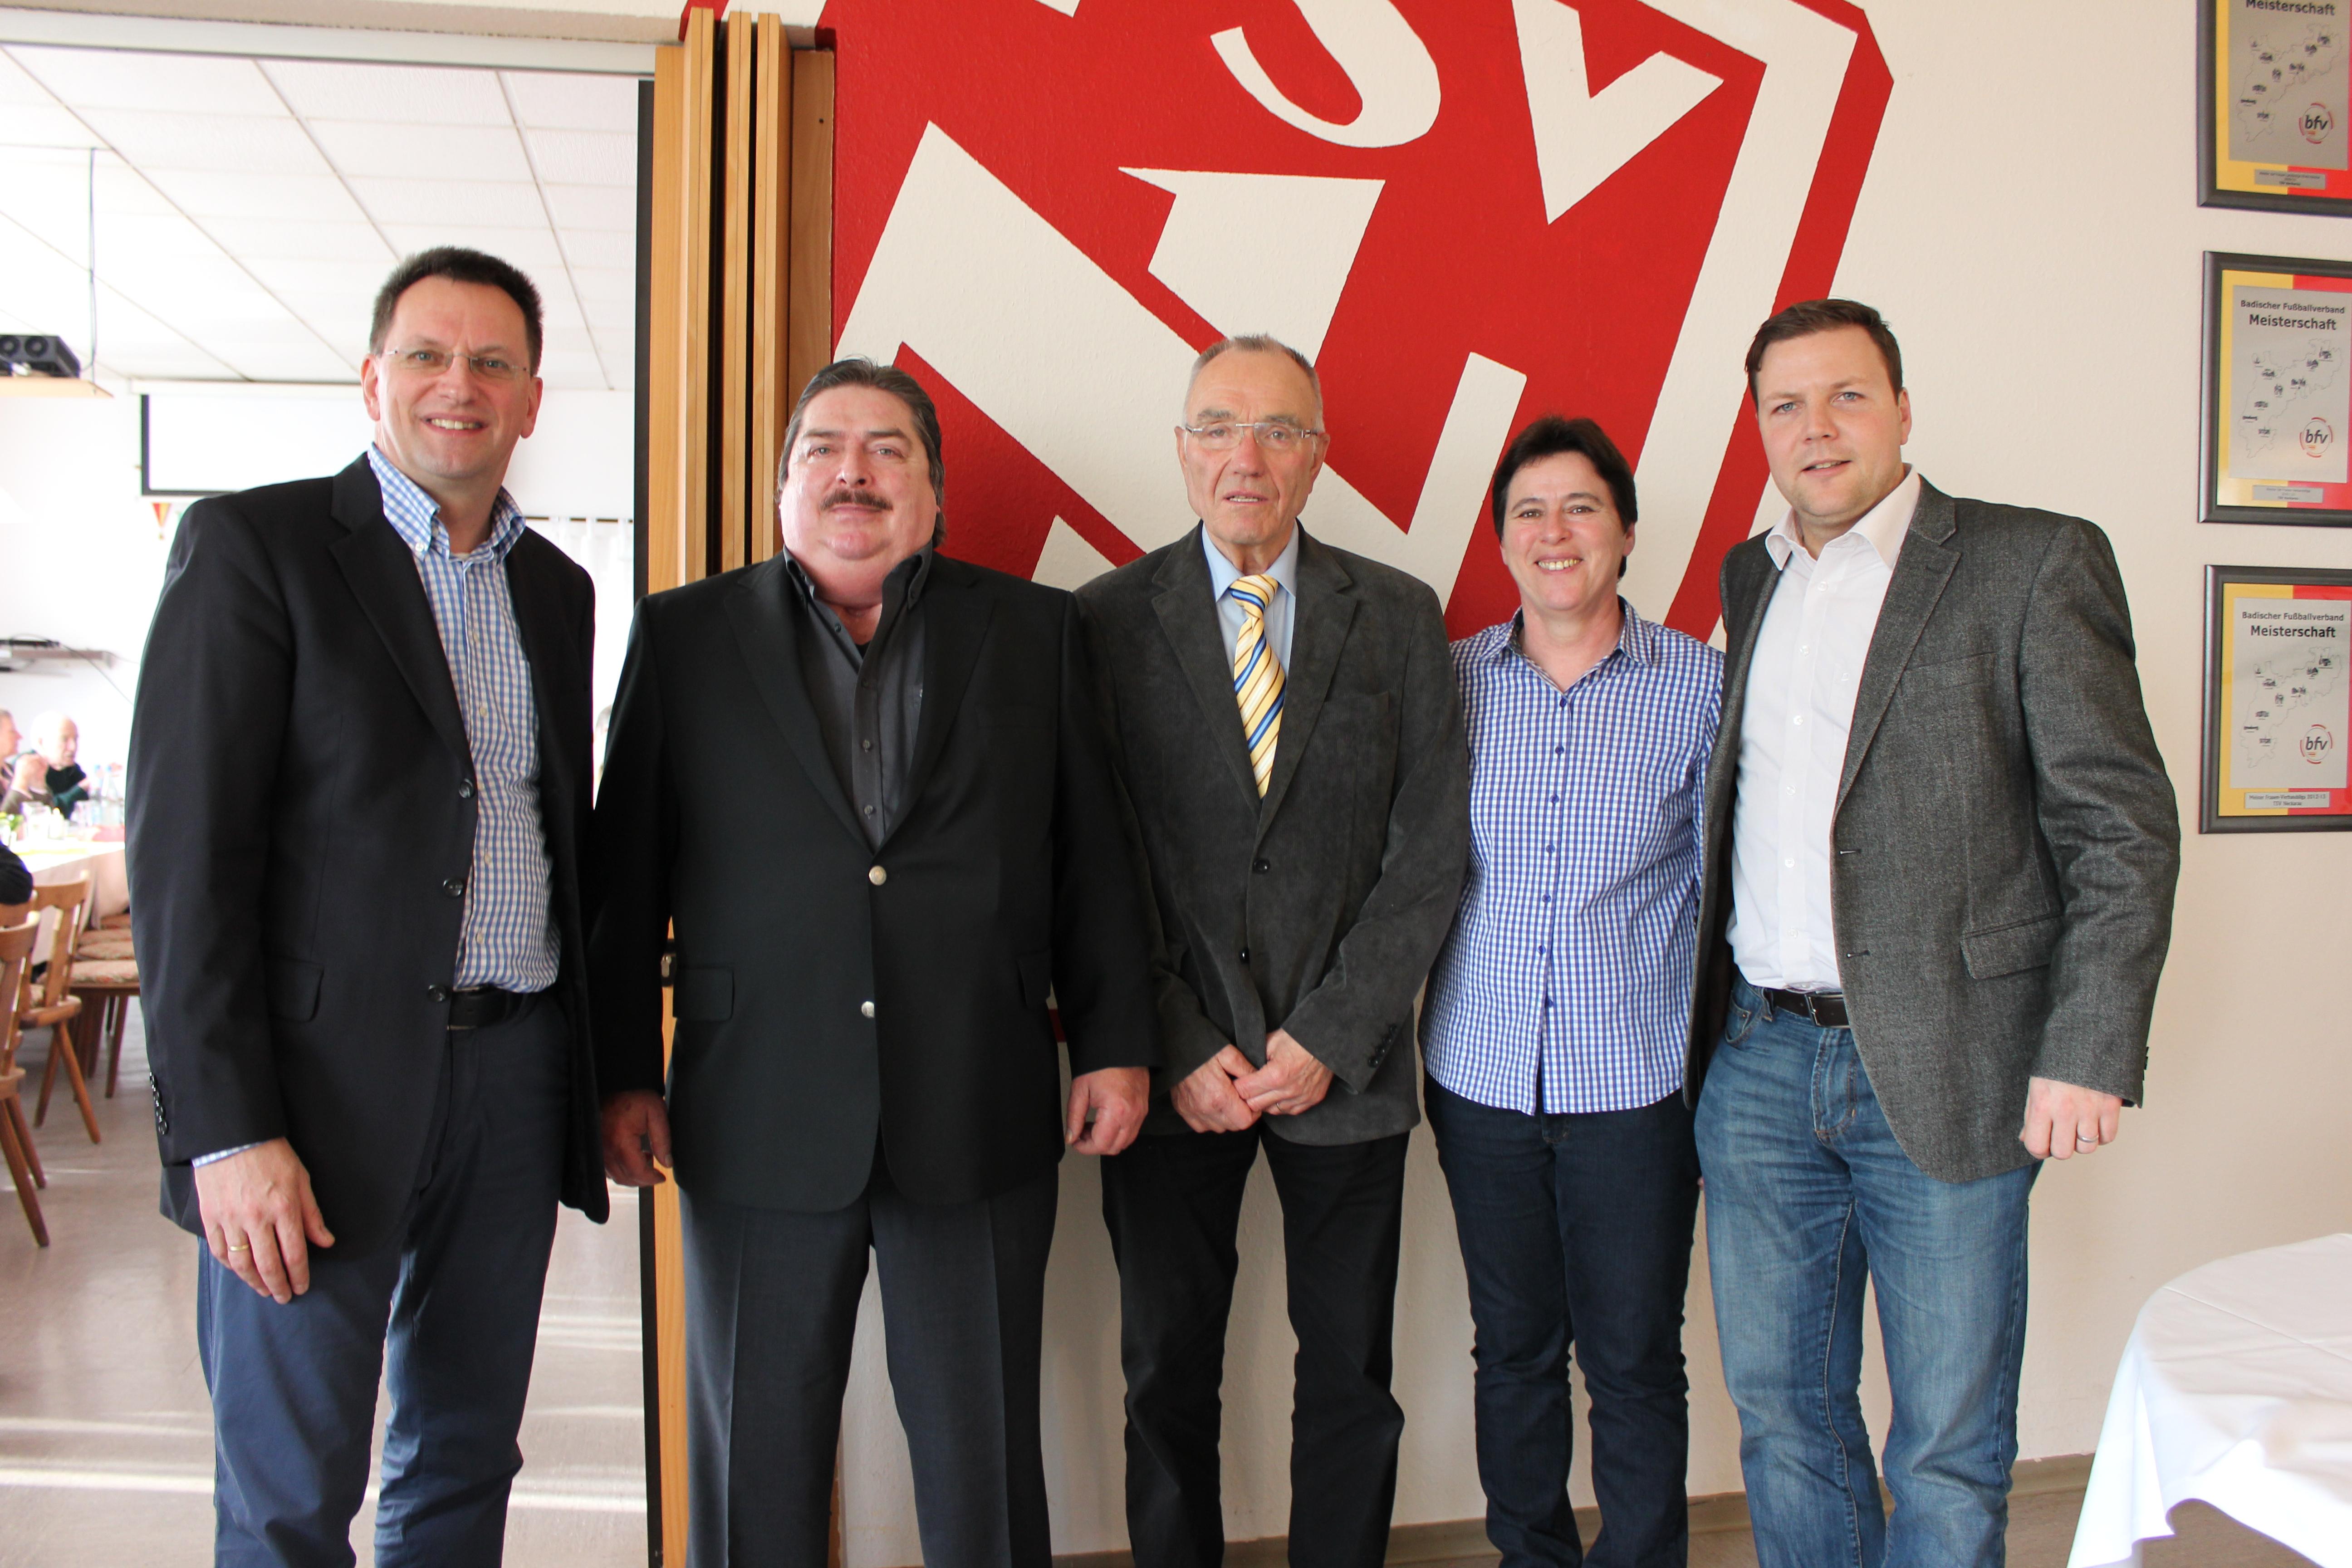 Geschäftsführender Vorstand Susann Schmidt, Michael Mattern und Volker Proffen mit den Ehrenvorsitzenden Claus Markel und Manfred Müller